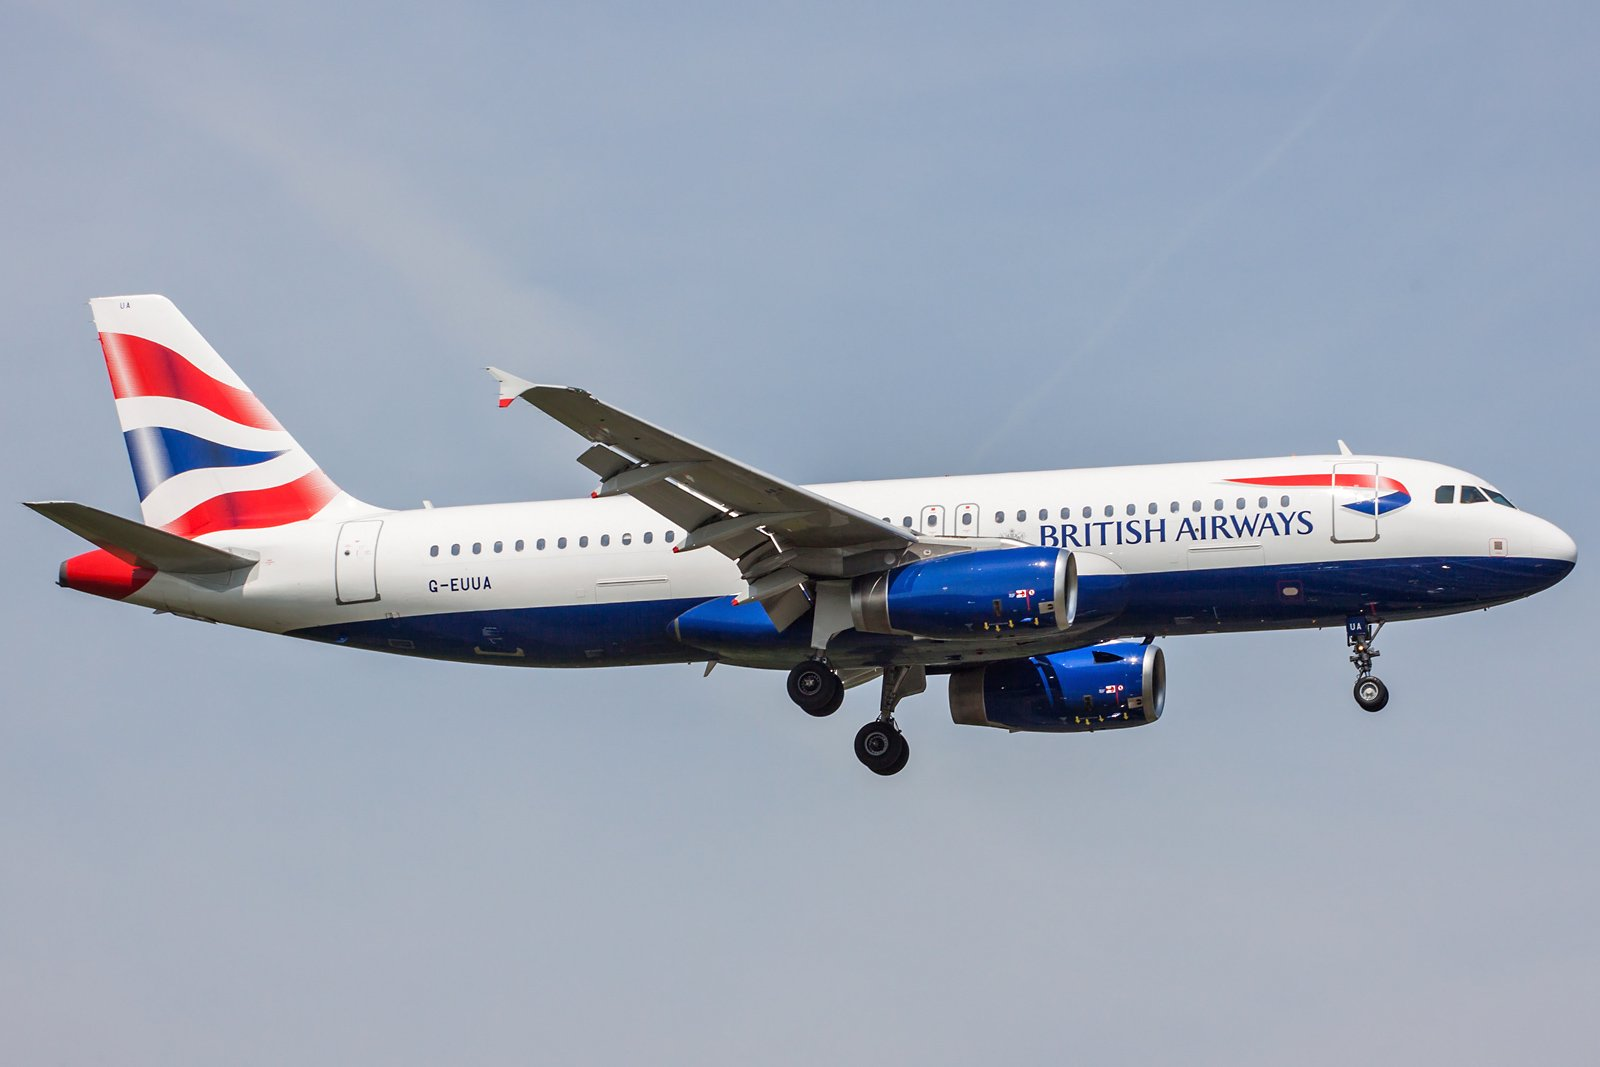 British Airways Airbus A320-232 G-EUUA